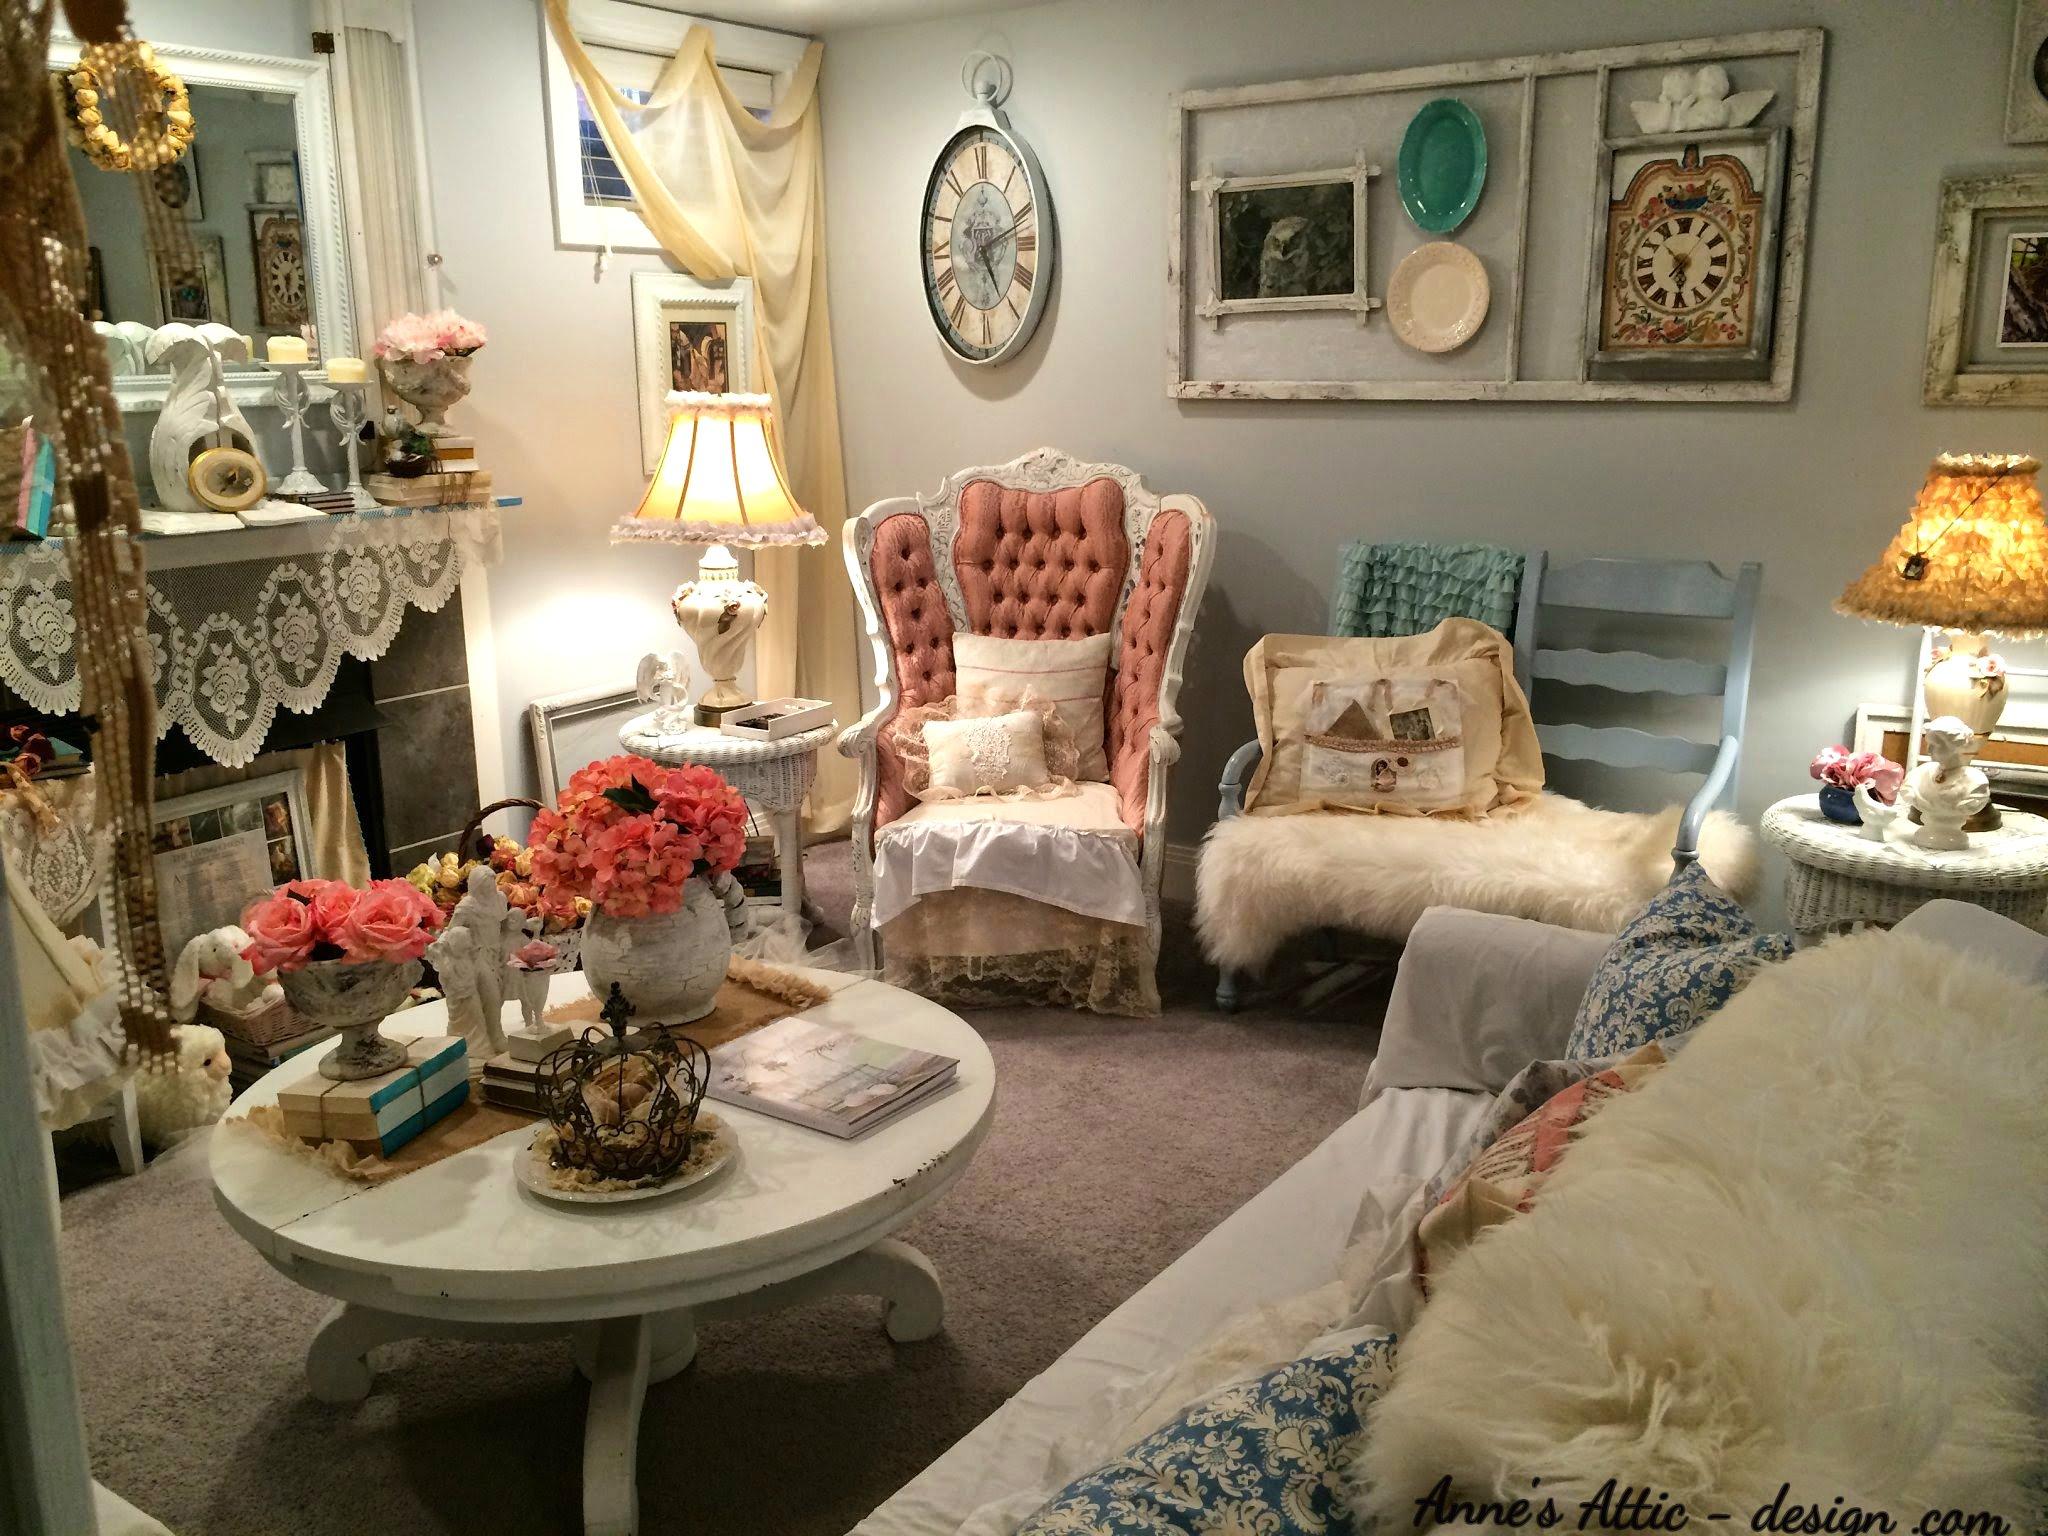 N sitting room